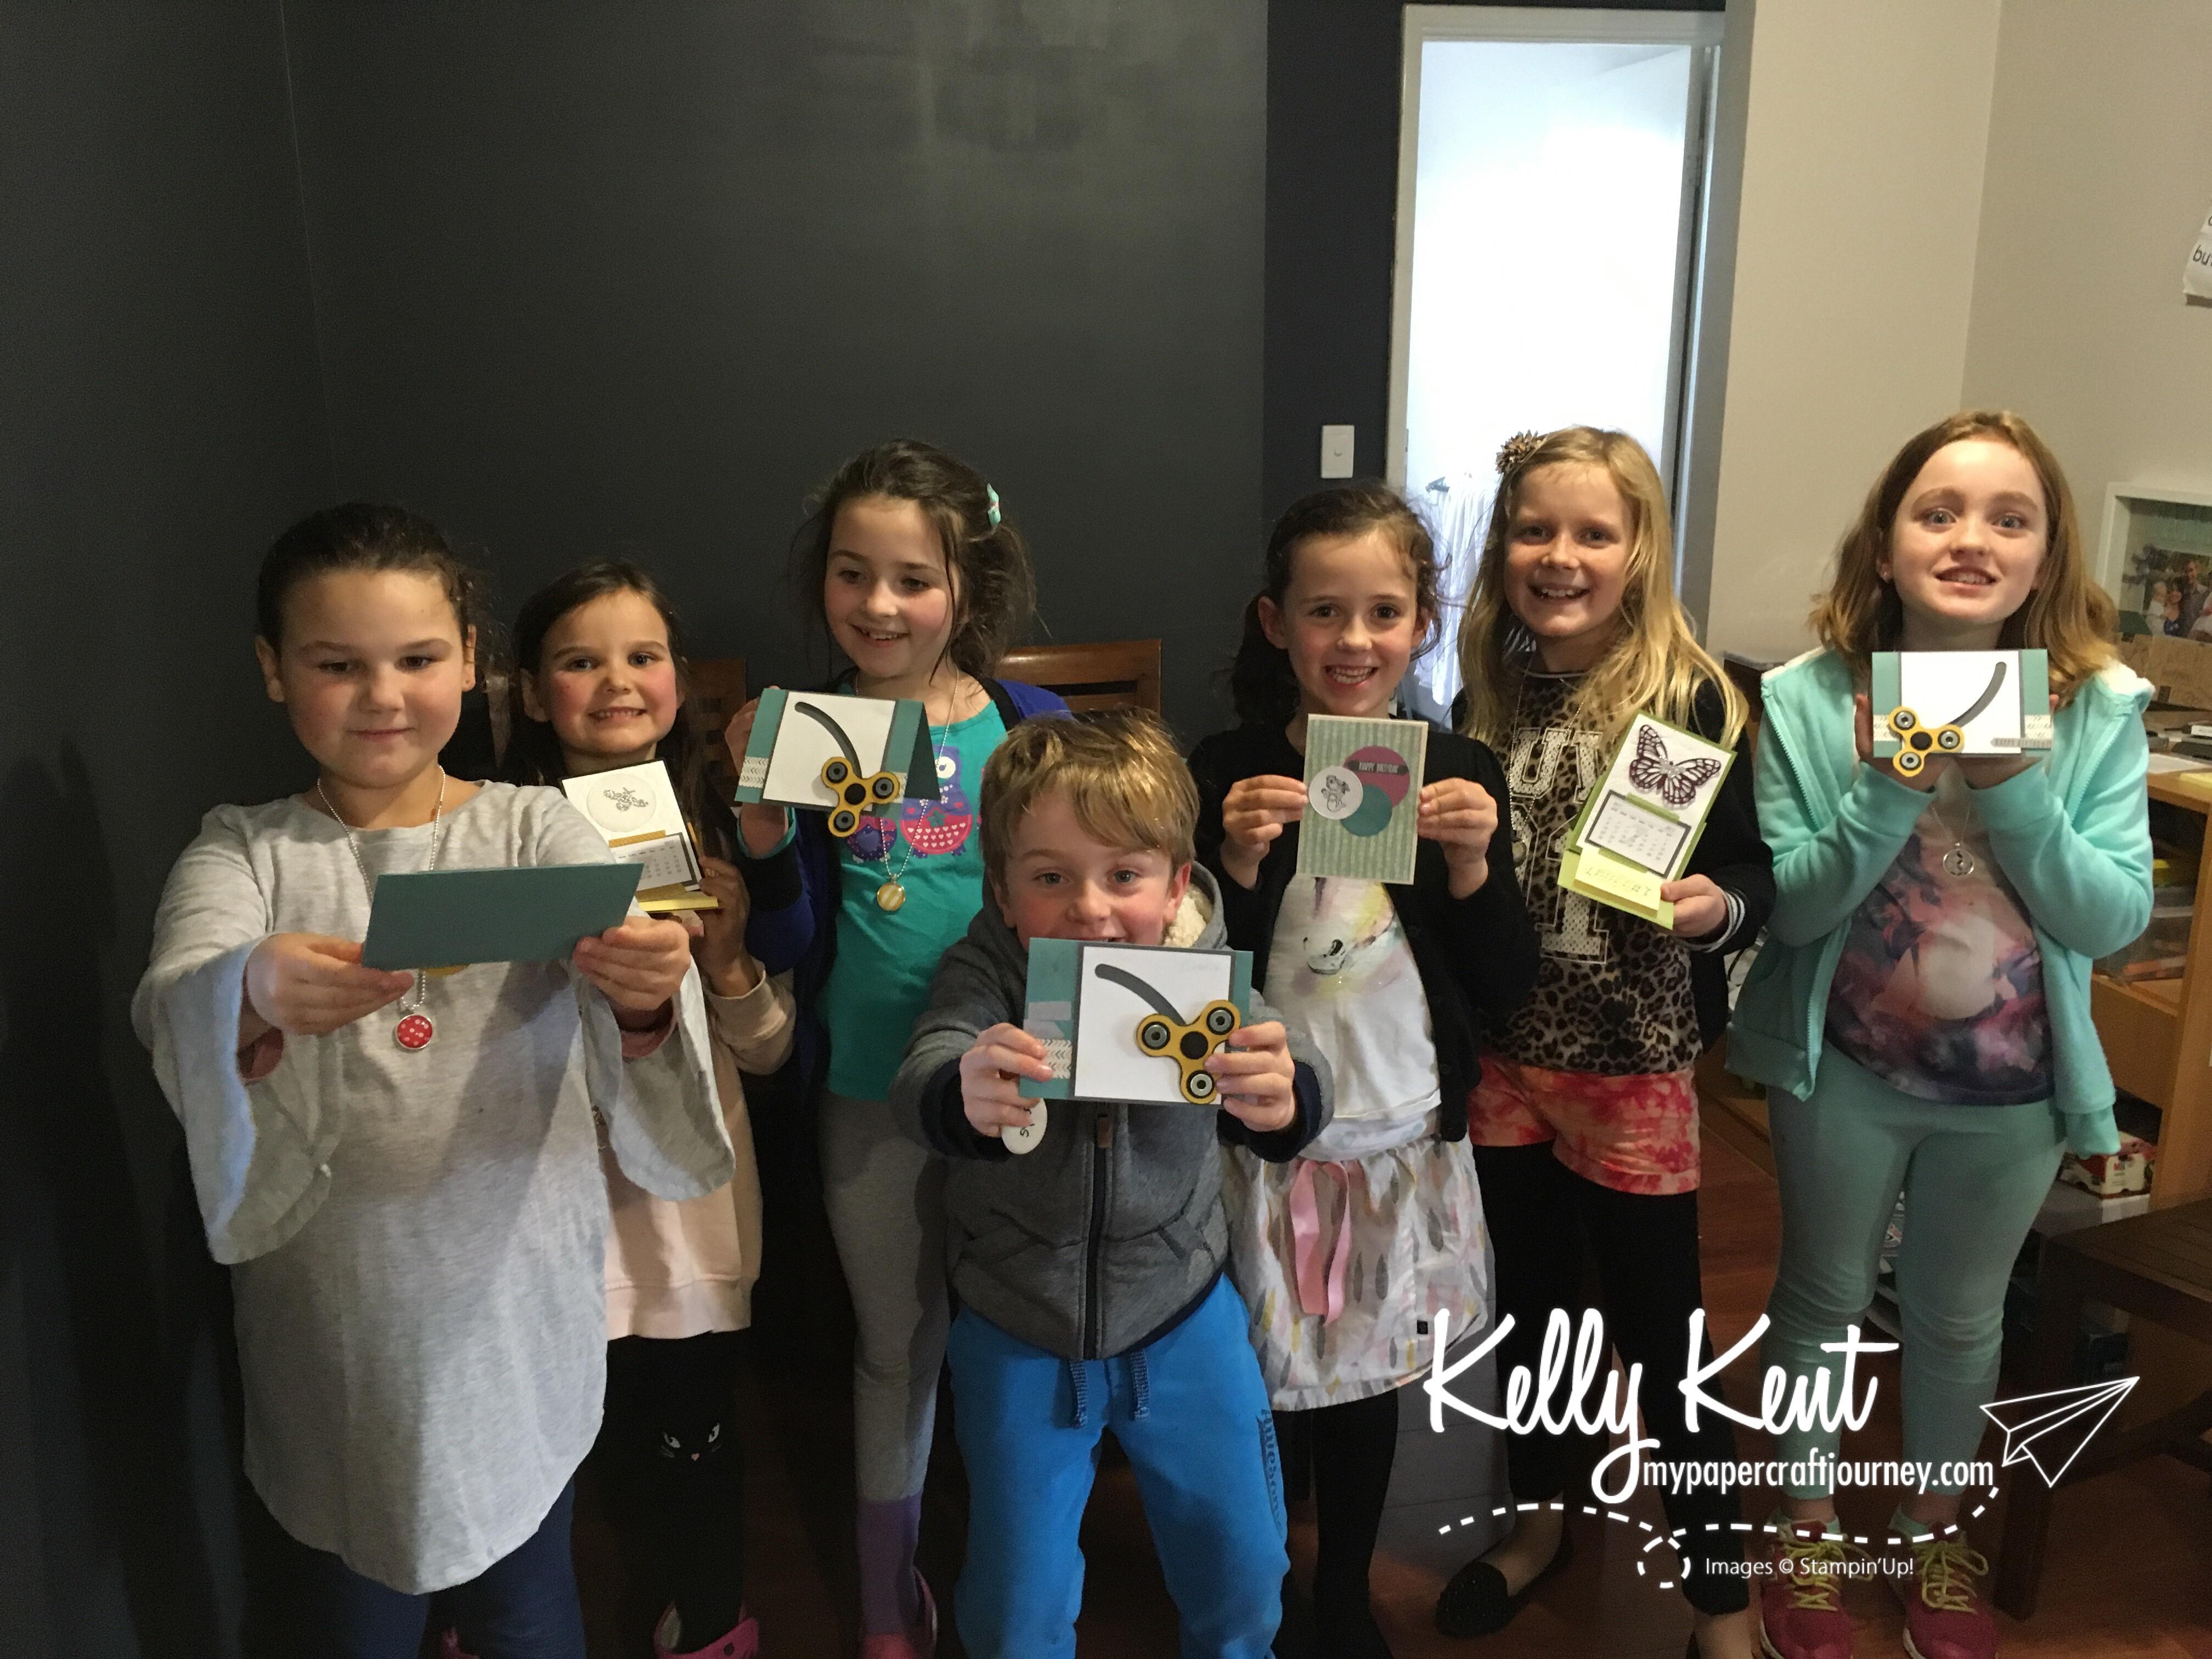 Kids Craft Class | kelly kent